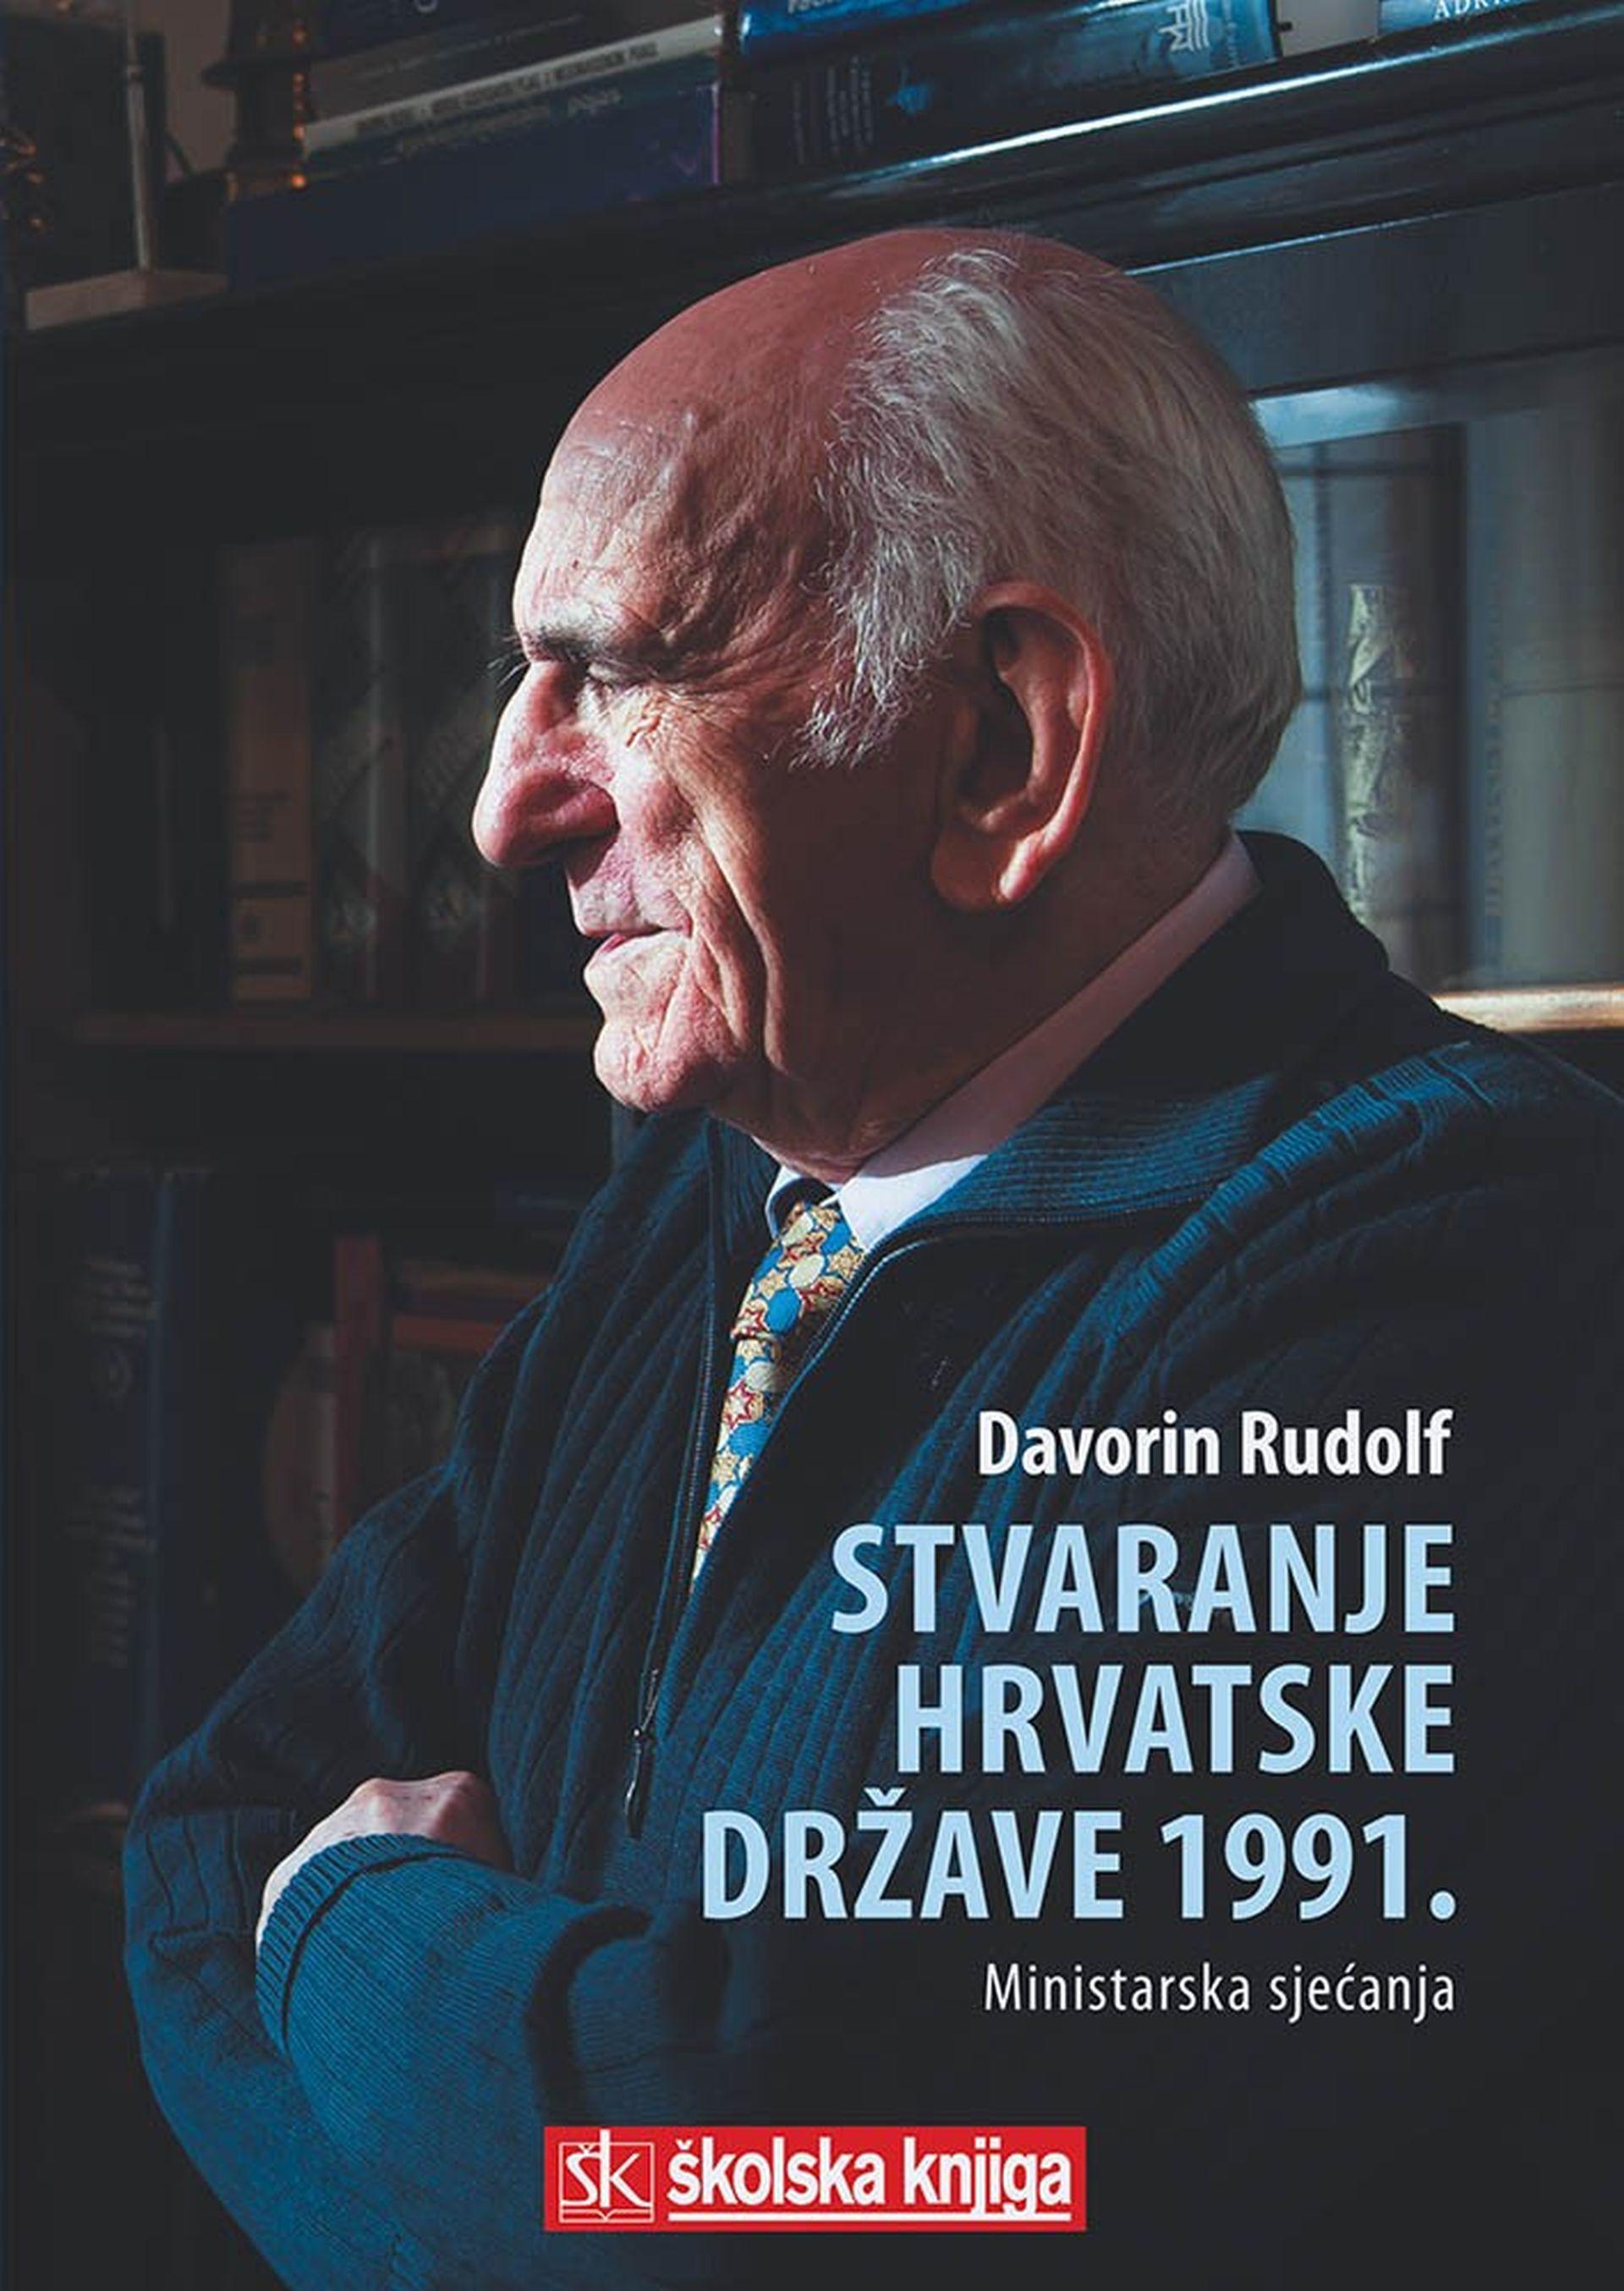 """Predstavljena knjiga """"Stvaranje hrvatske države 1991. – Ministarska sjećanja"""" akademika Rudolfa"""